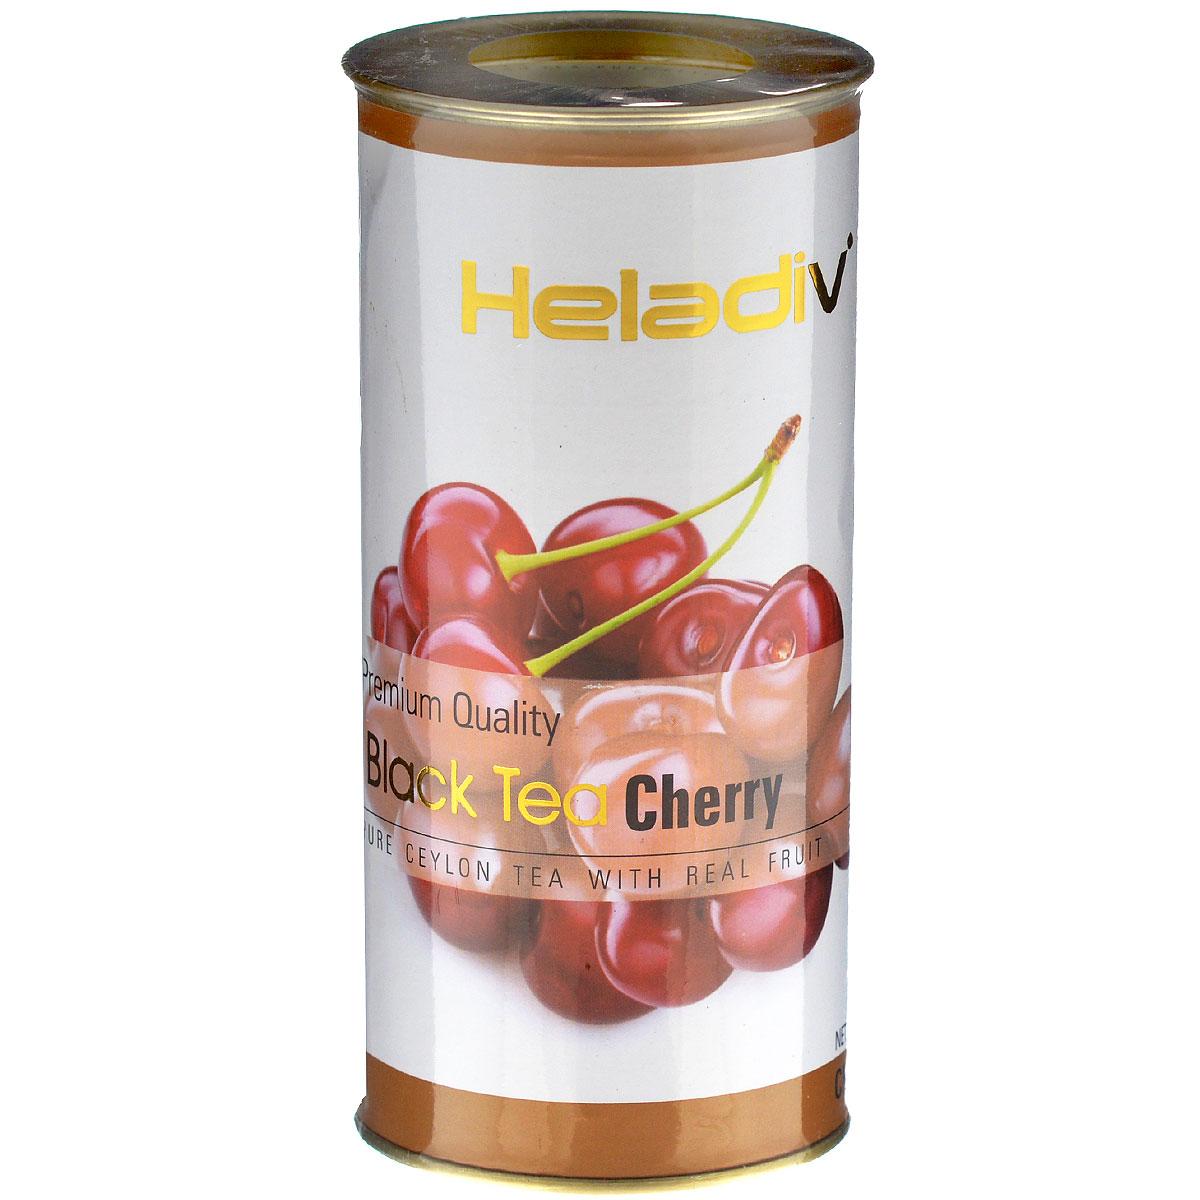 Heladiv Cherry черный фруктовый чай с вишней, 100 г гринфилд чай фруктовый